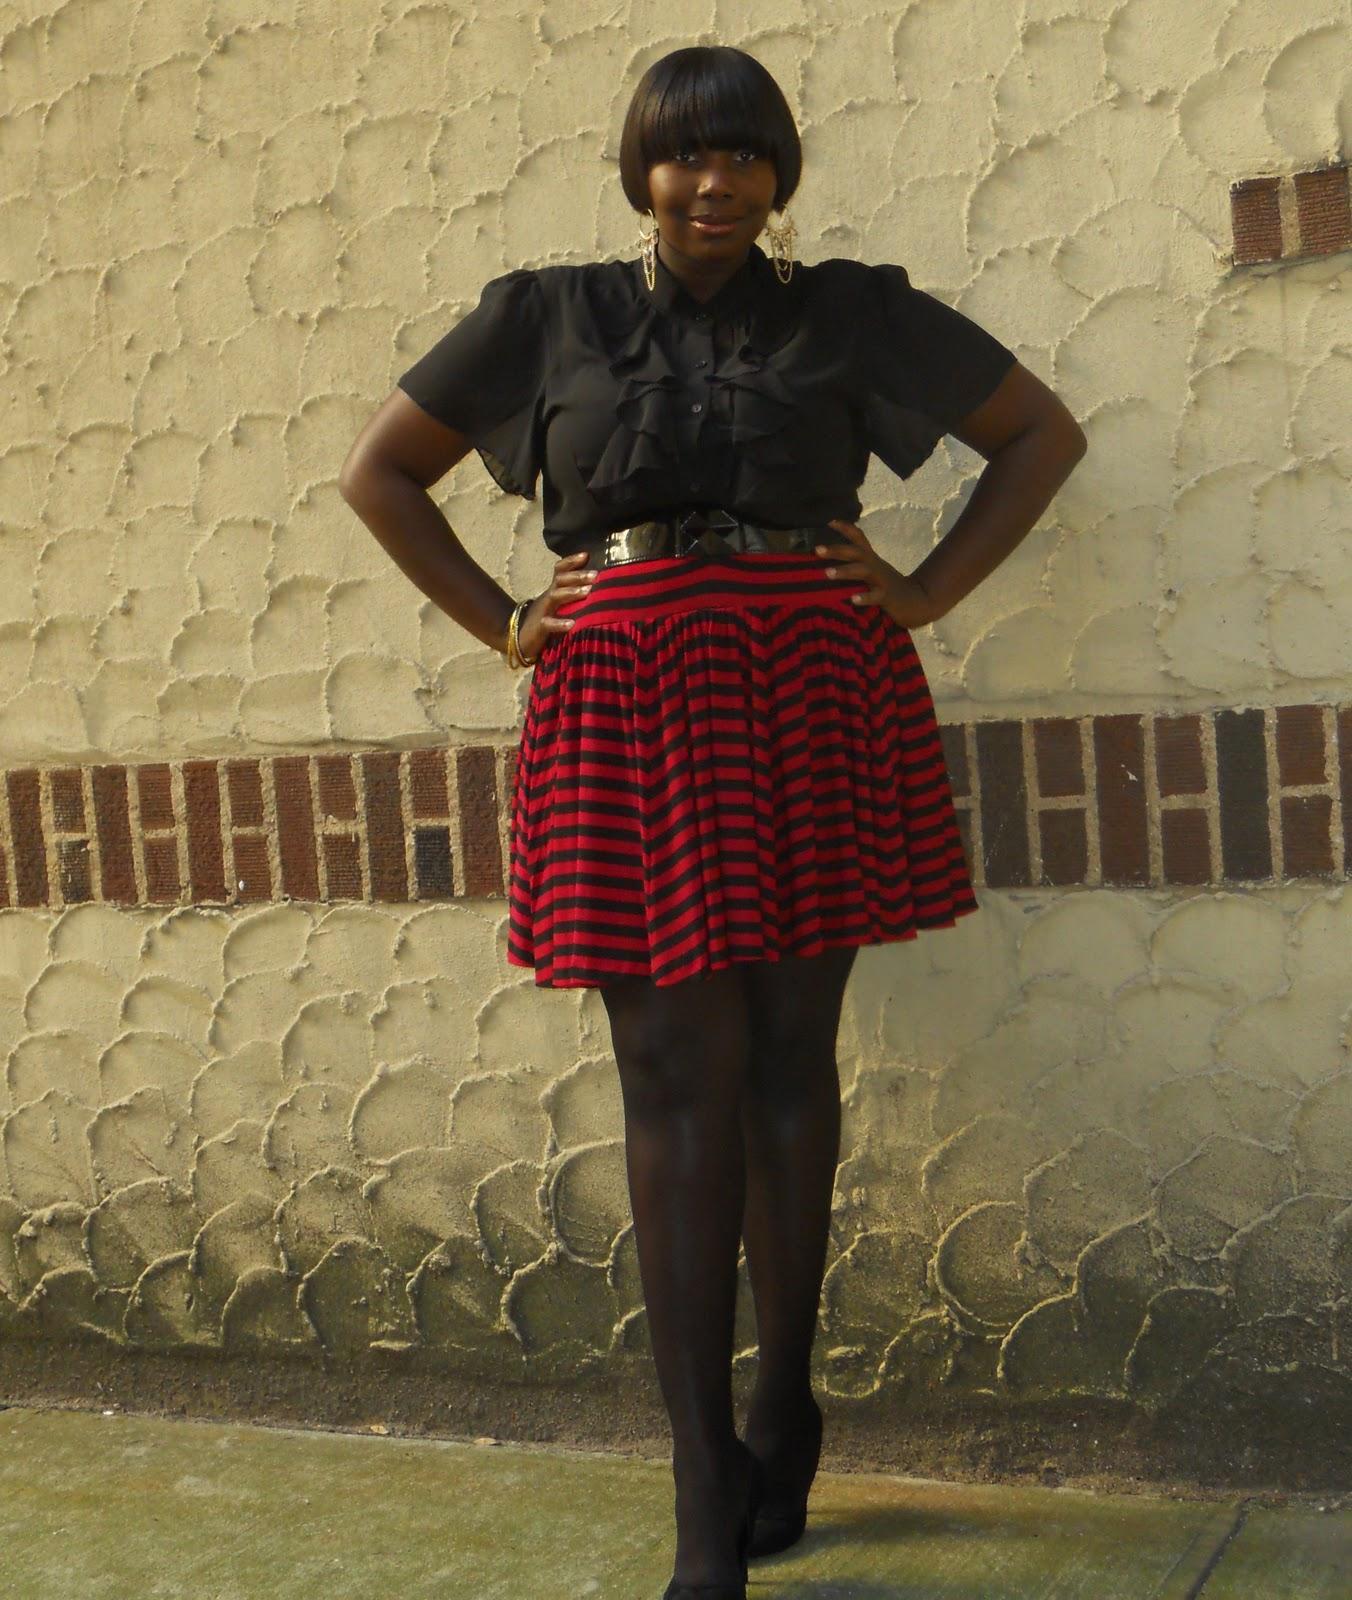 Tina Knowles Dresses At Walmart  Nk